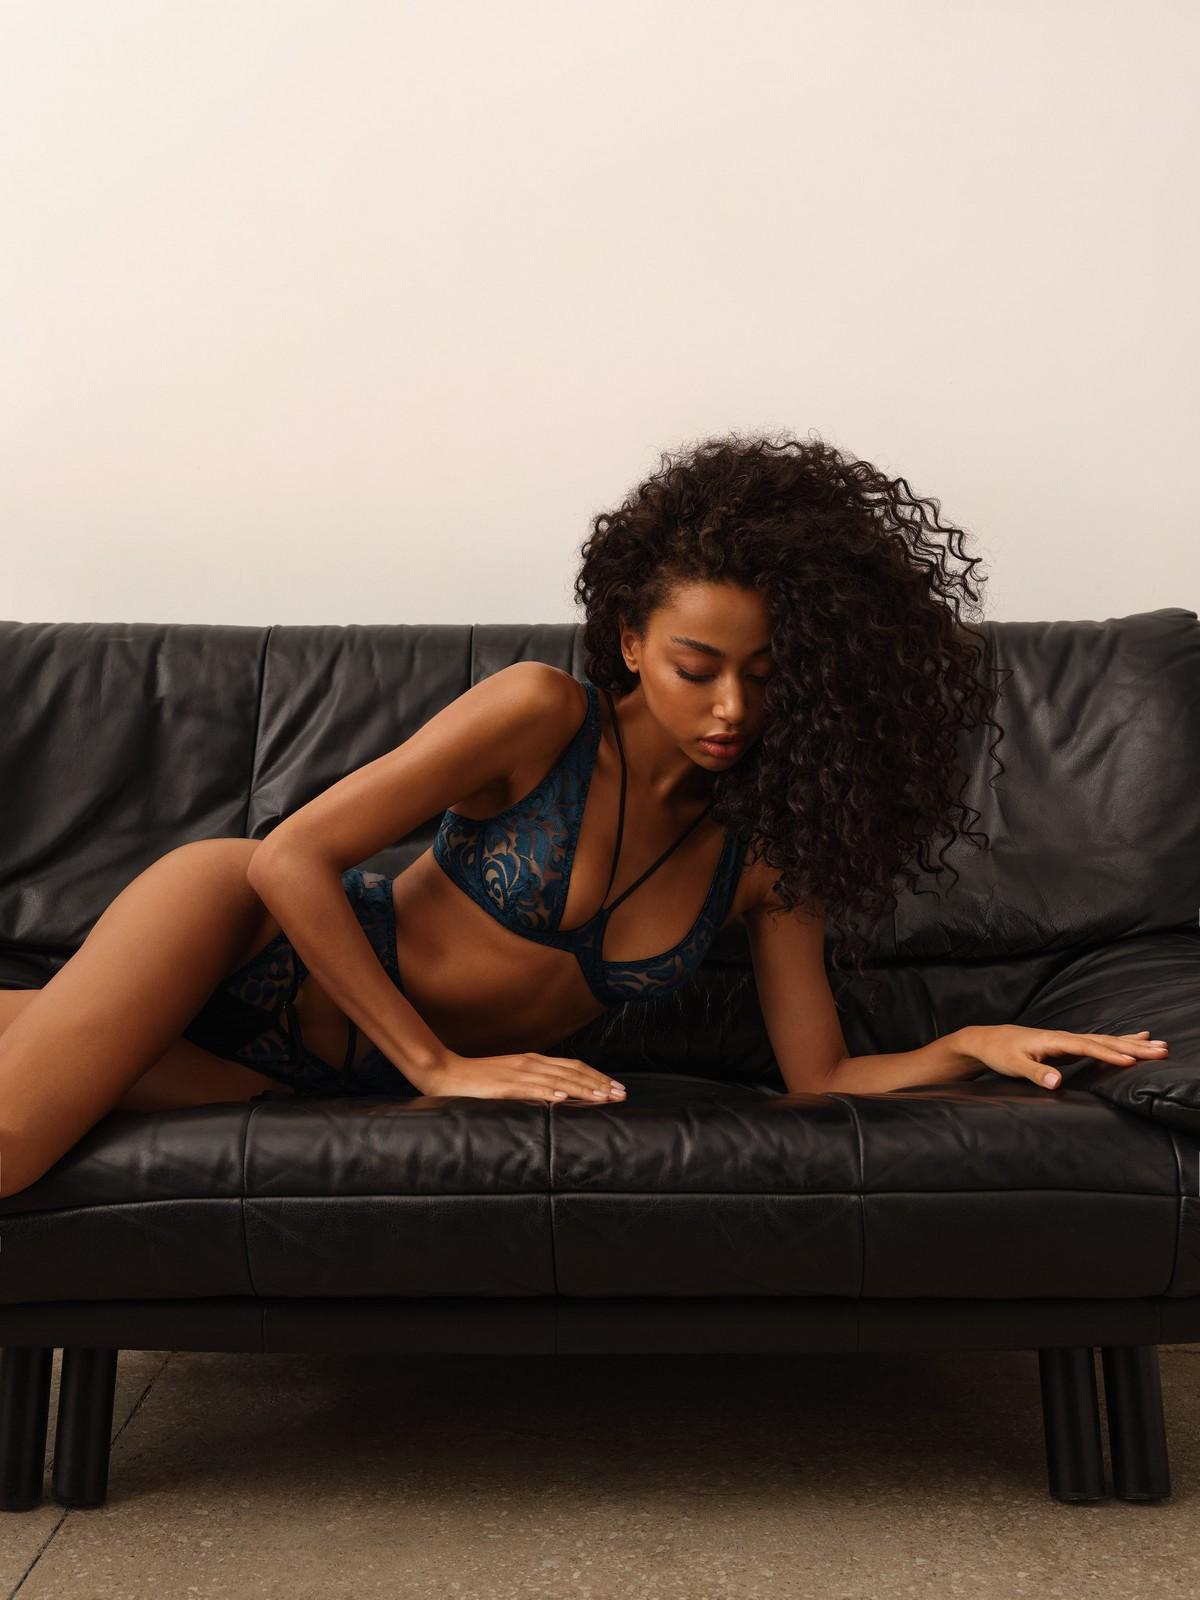 Украинский бренд нижнего белья Fox lingerie представил кампейн новой коллекции 2